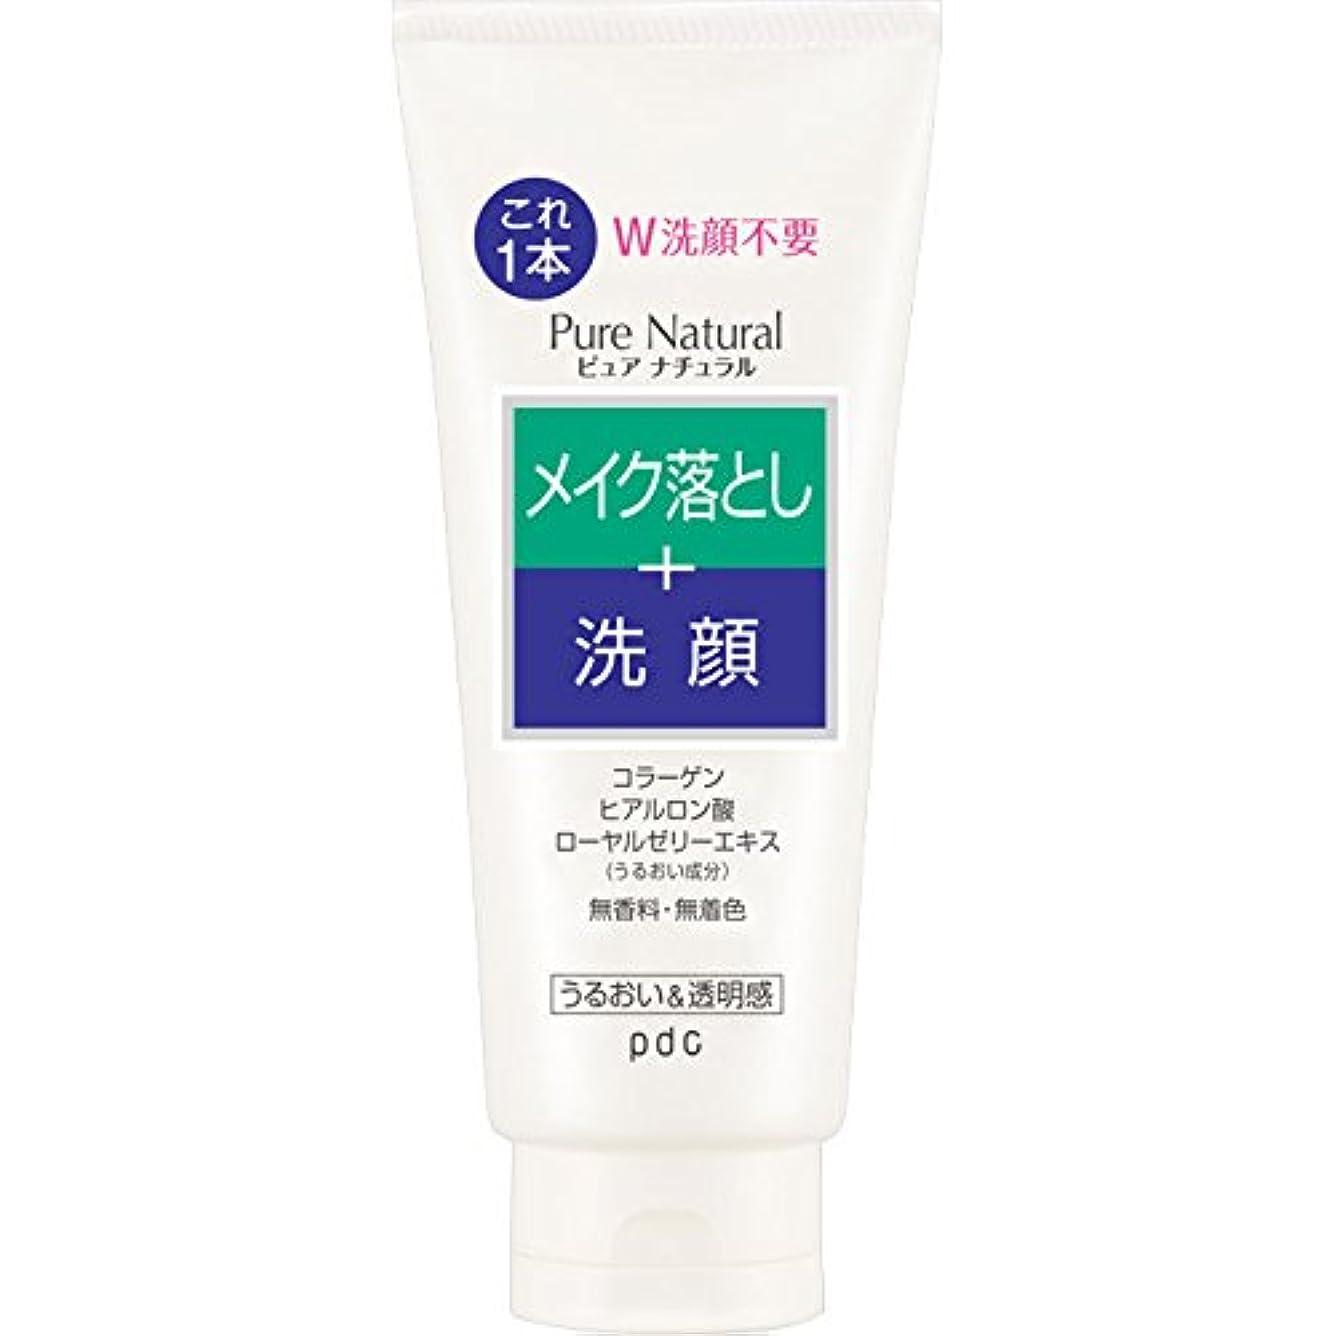 個性異常なコートポーラデイリーコスメ ピュア ナチュラル クレンジング洗顔(ミニサイズ) 70g